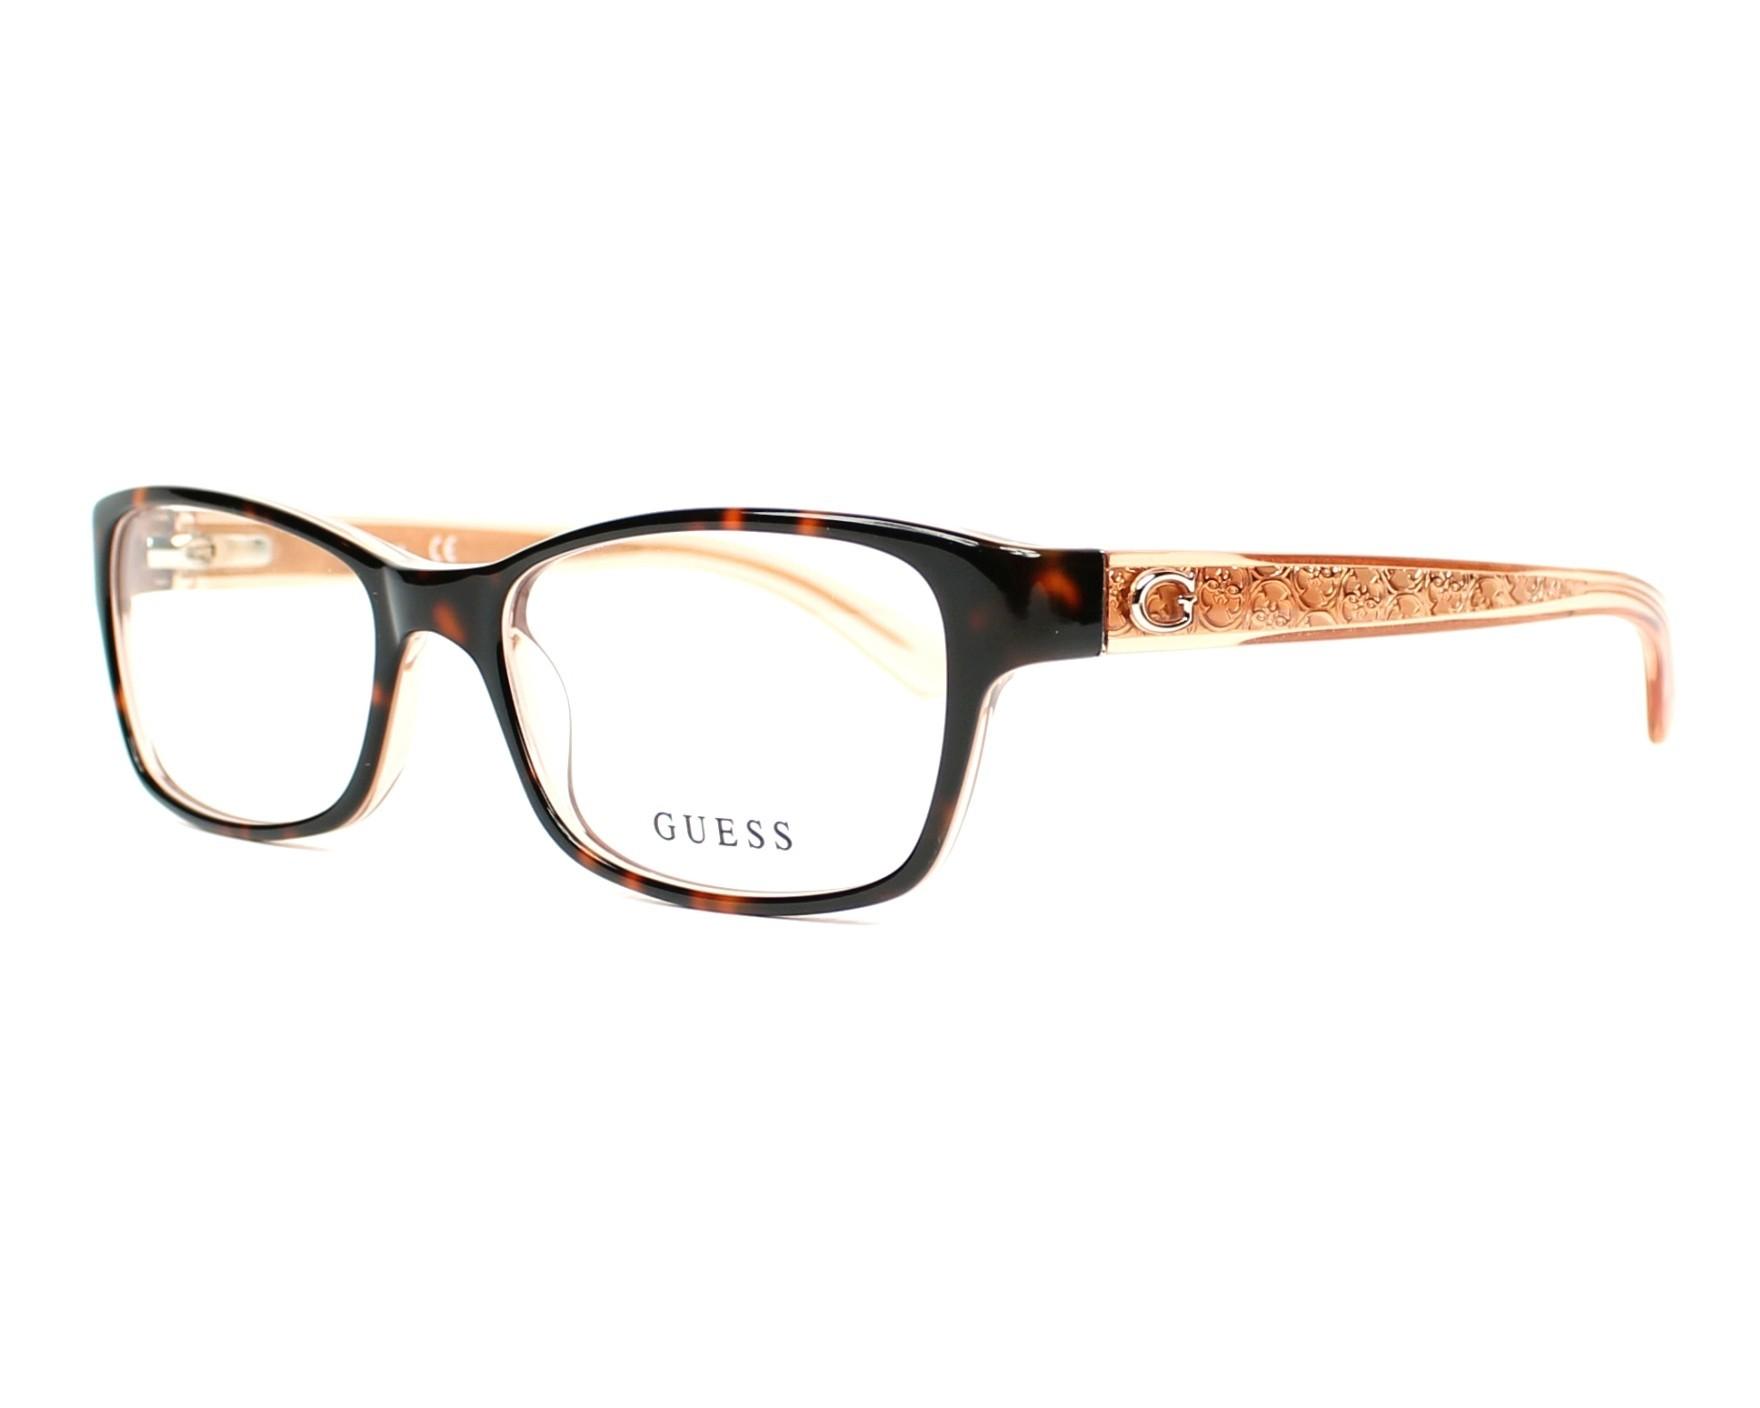 Guess Eyeglasses Havana Gu 2591 056 Visionet Us